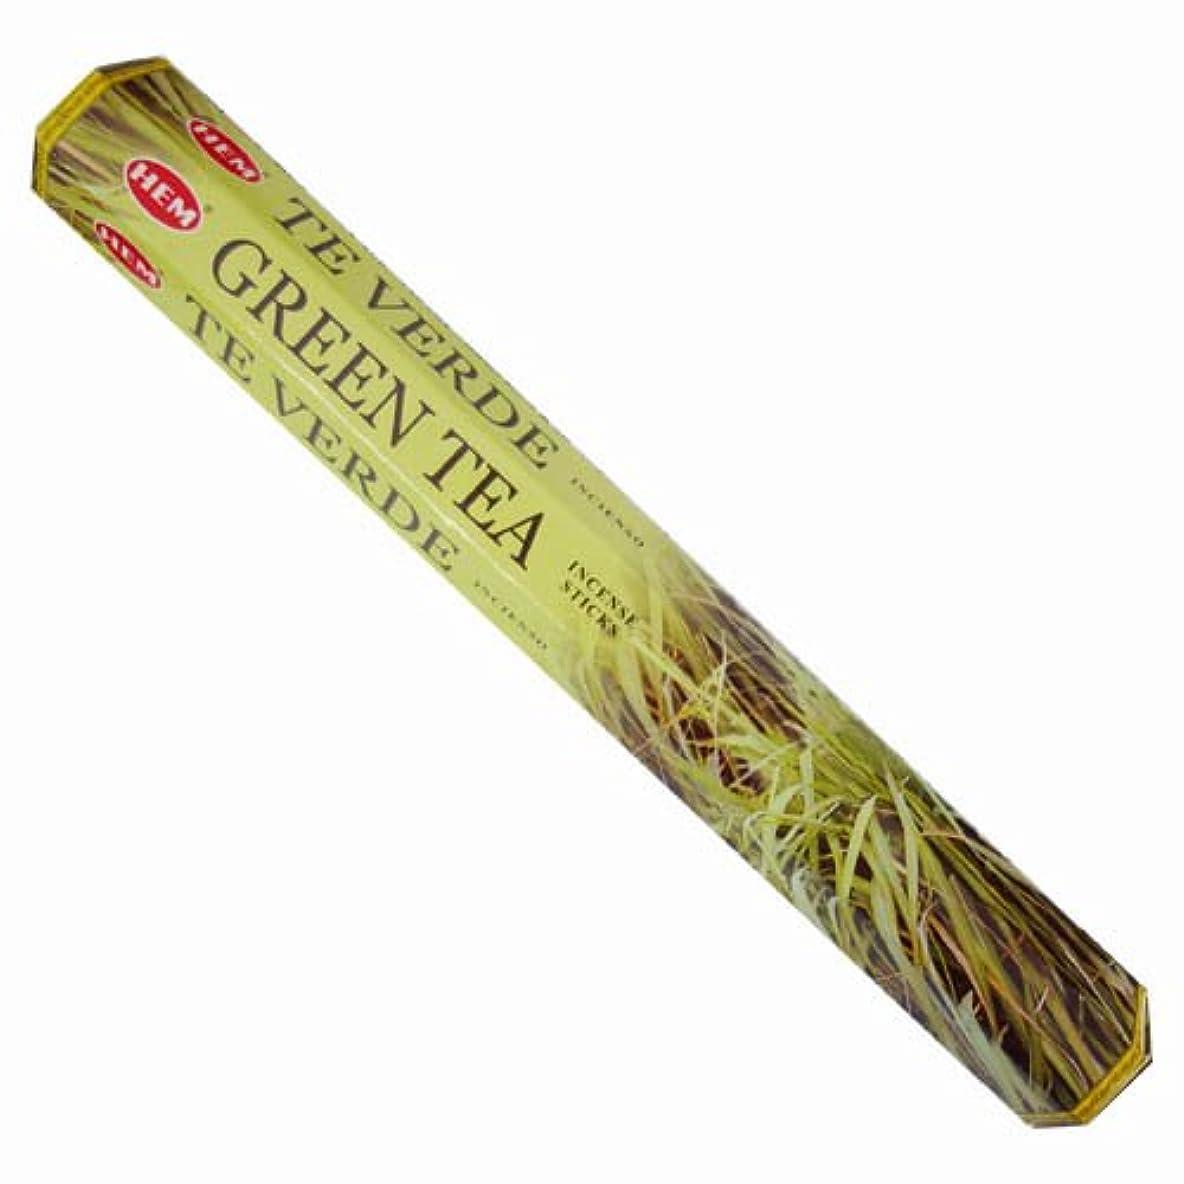 いたずらな大騒ぎキャストHEM(ヘム) スティックお香/六角香/ヘキサパック GREEN TEA(グリーンティー)